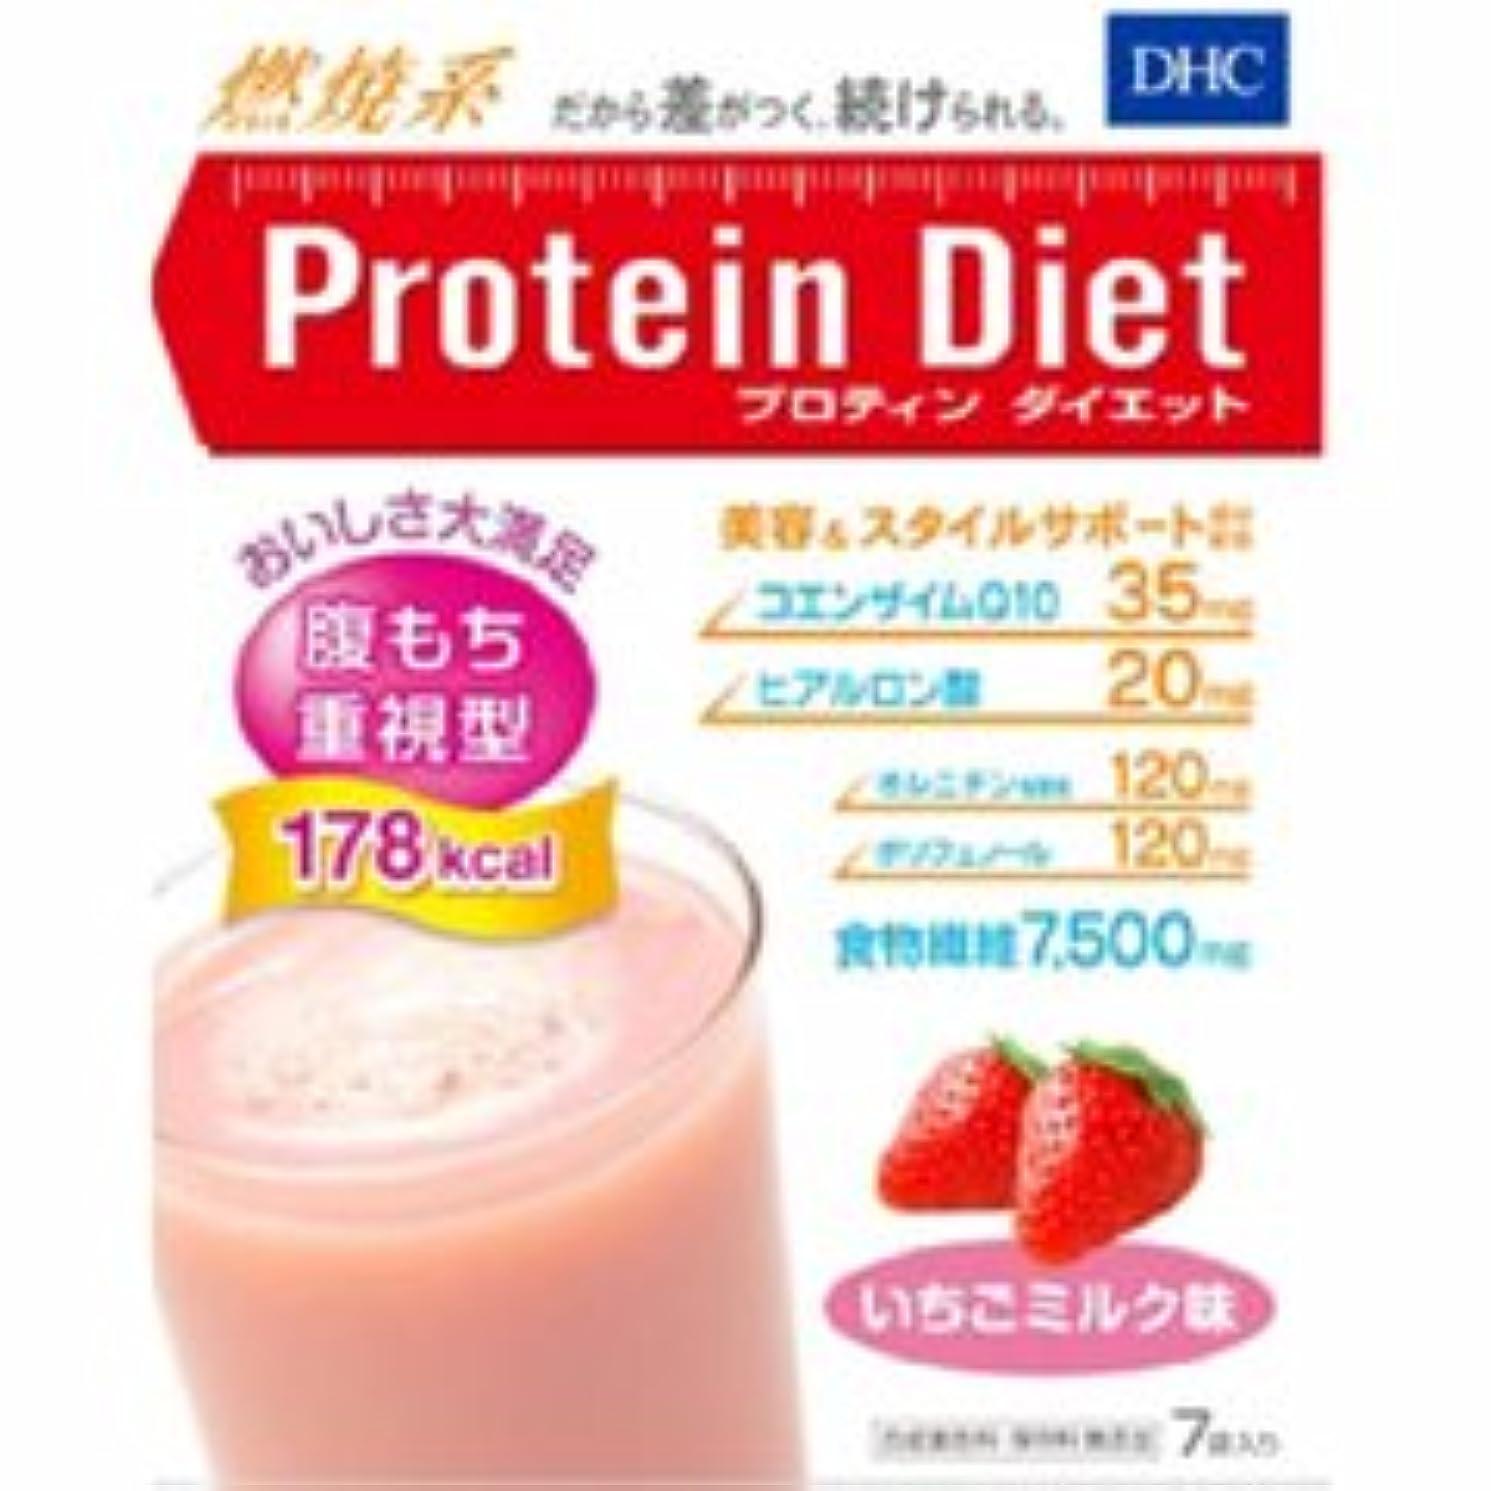 居間周術期スローDHCの健康食品 プロティンダイエット いちごミルク味 50g×7袋 【DHC】